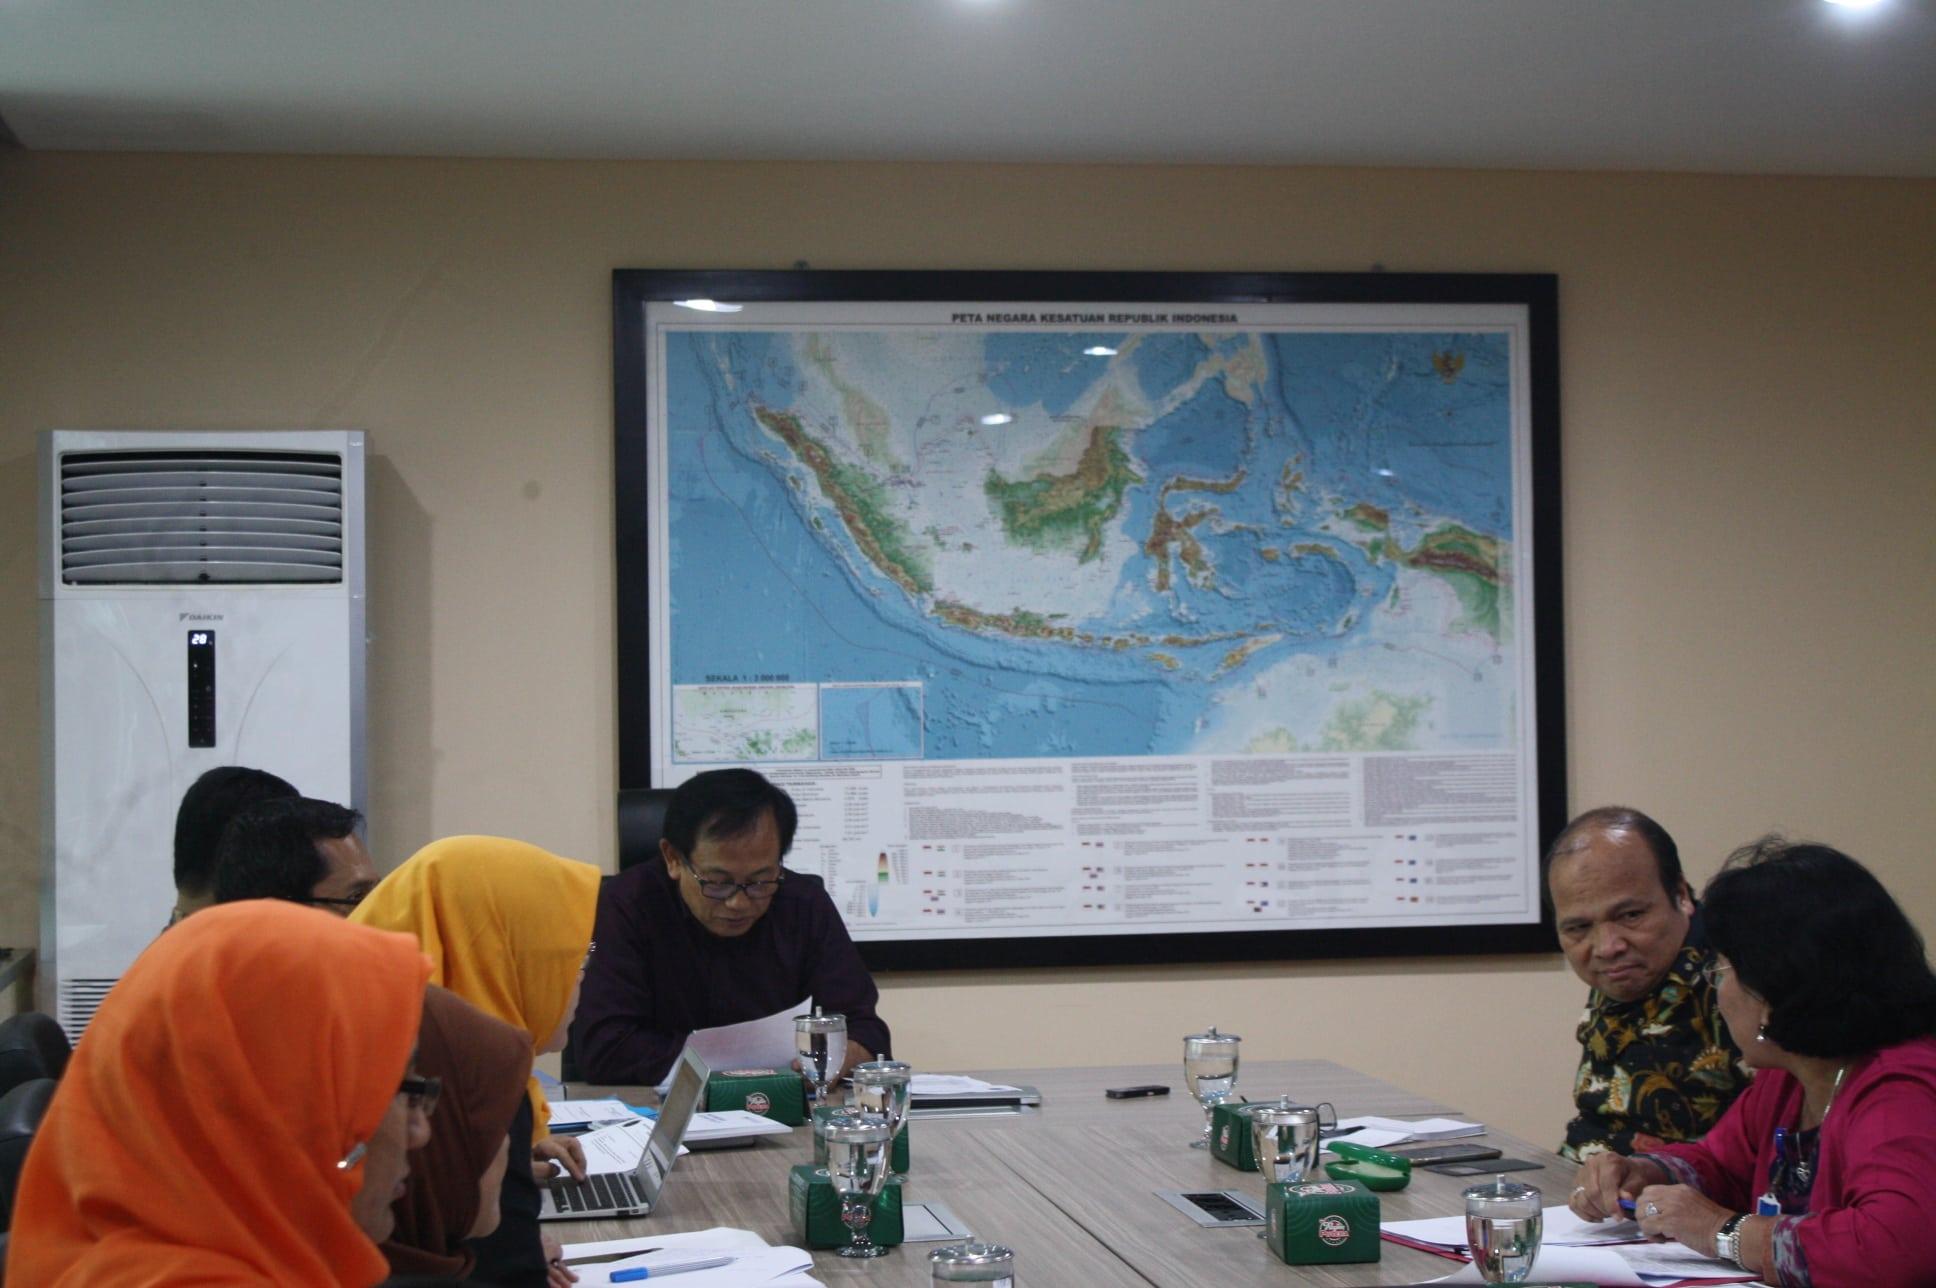 Rapat Koordinasi Penentuan Pemrakarsa tentang Landas Kontinen Indonesia di Kementerian Koordinator Bidang Kemaritiman